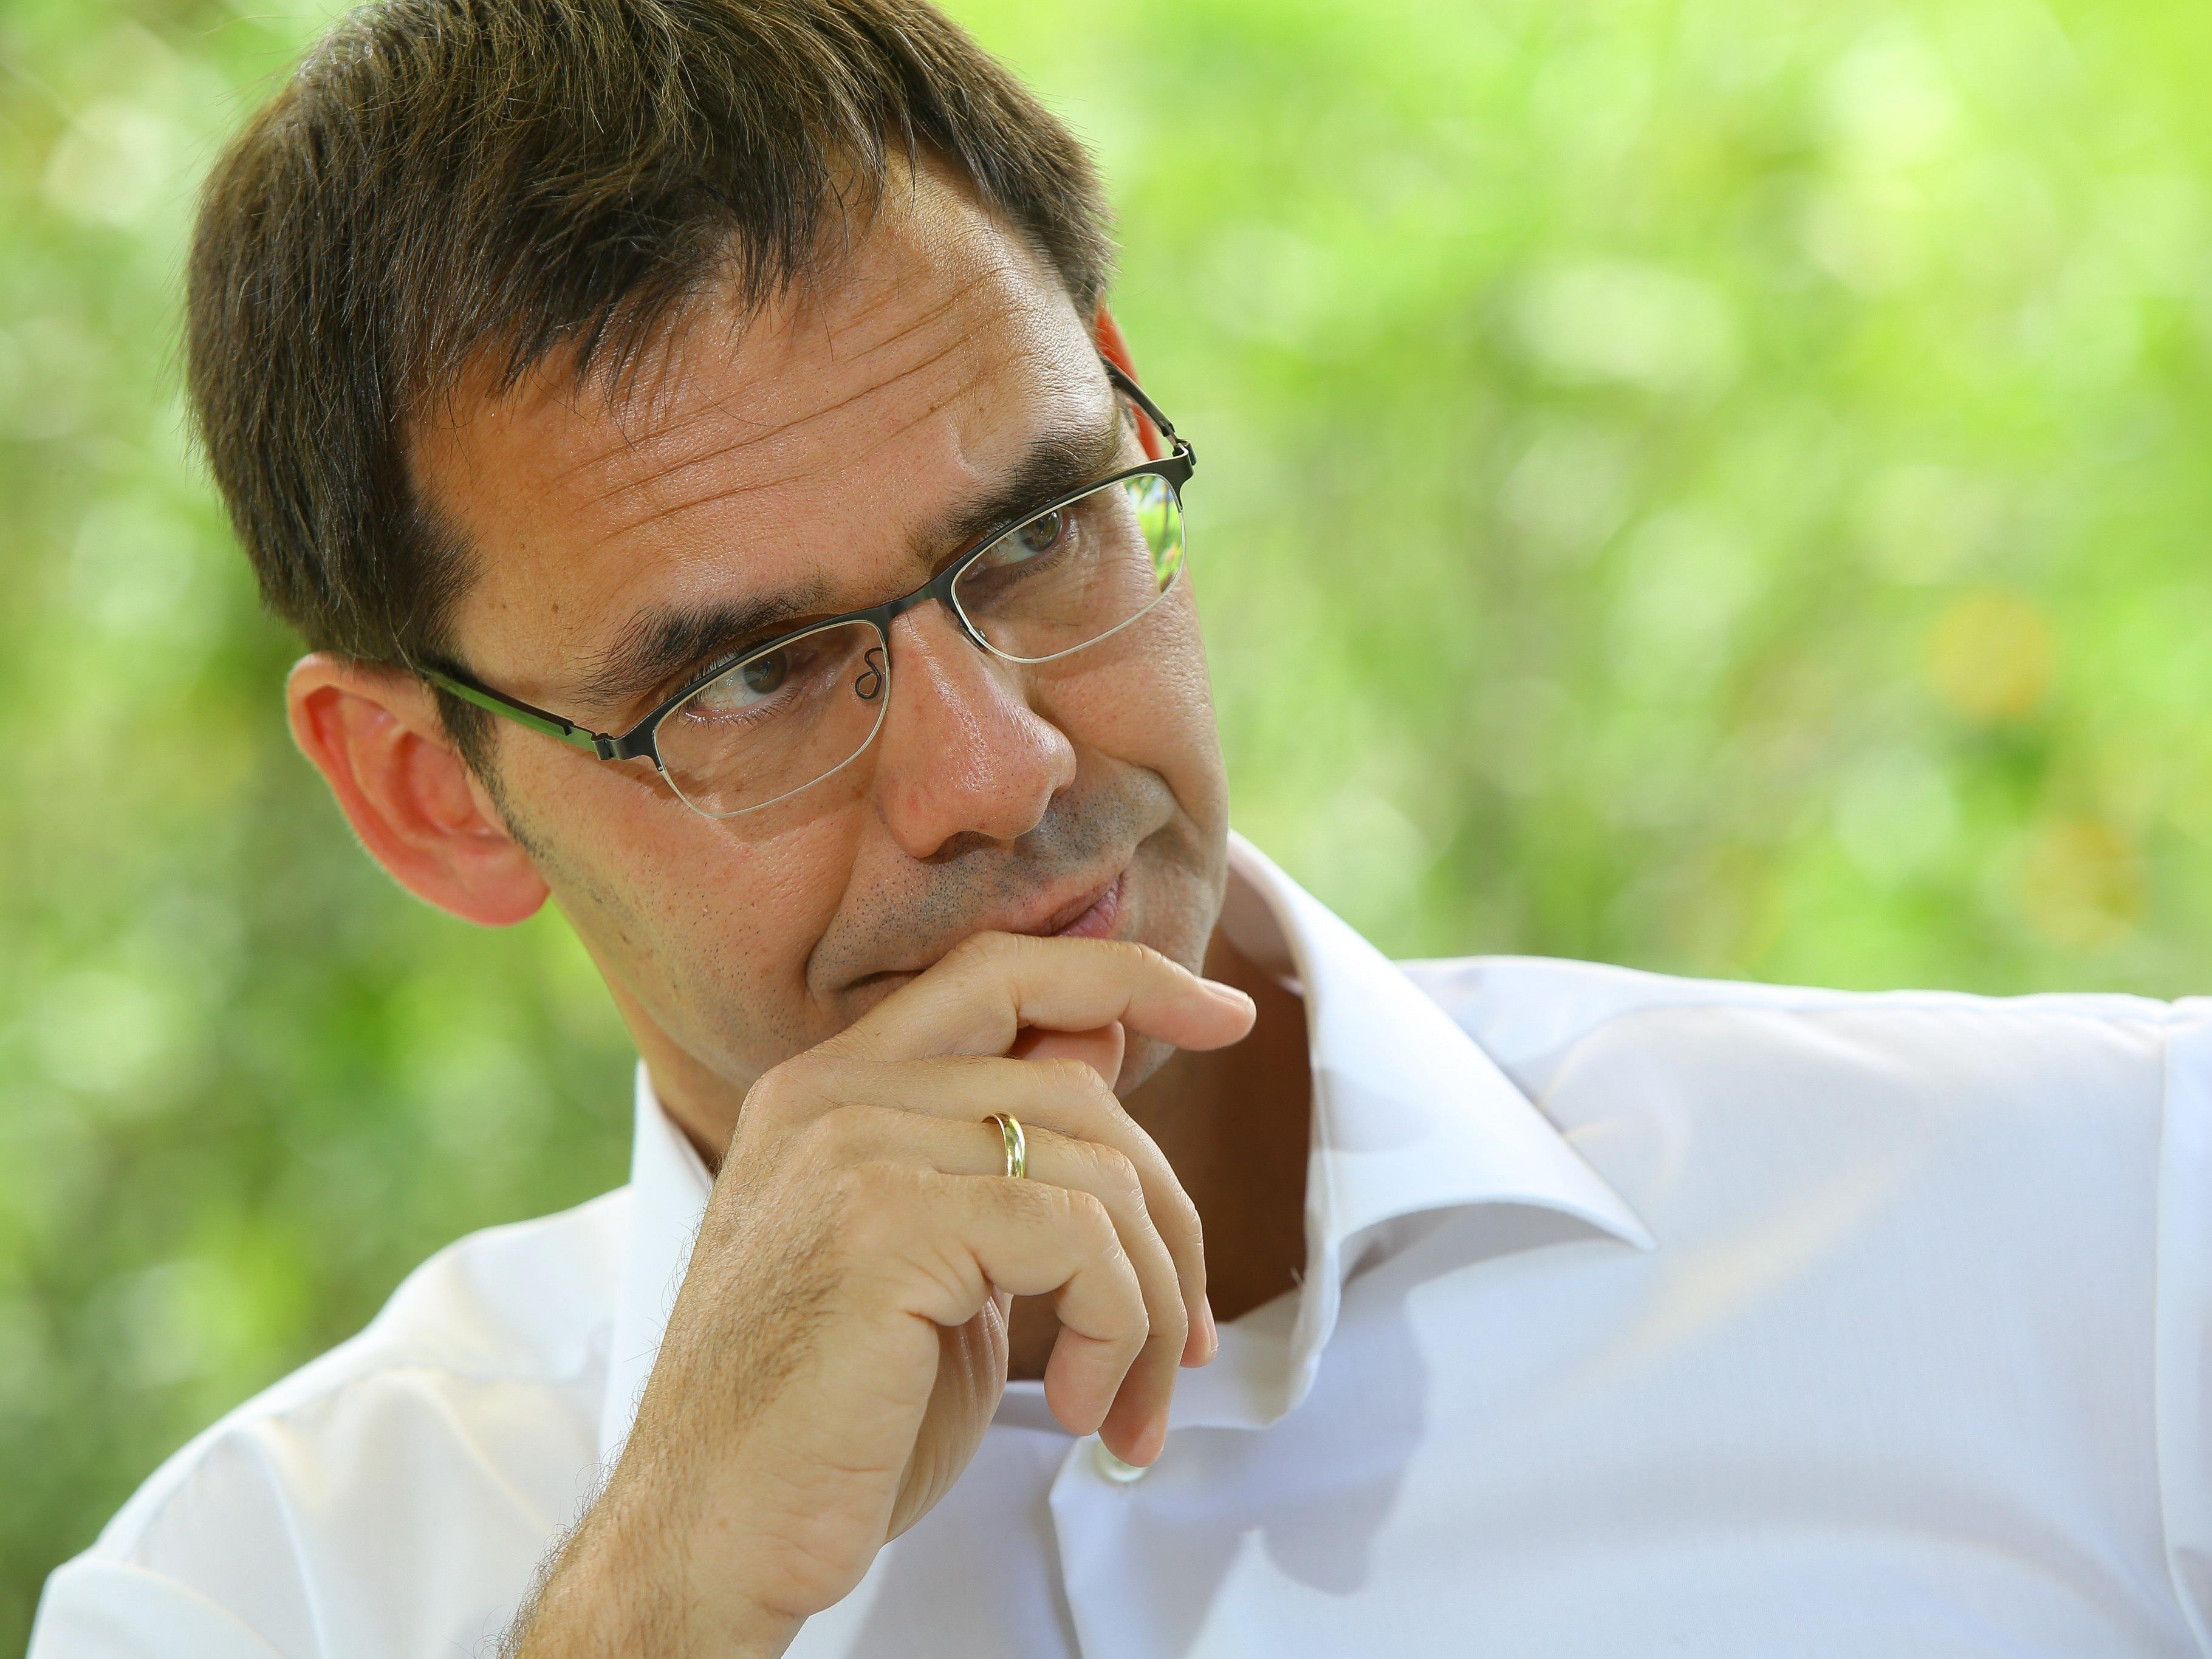 Vorarlberger Regierungschef sieht Annäherung möglich.